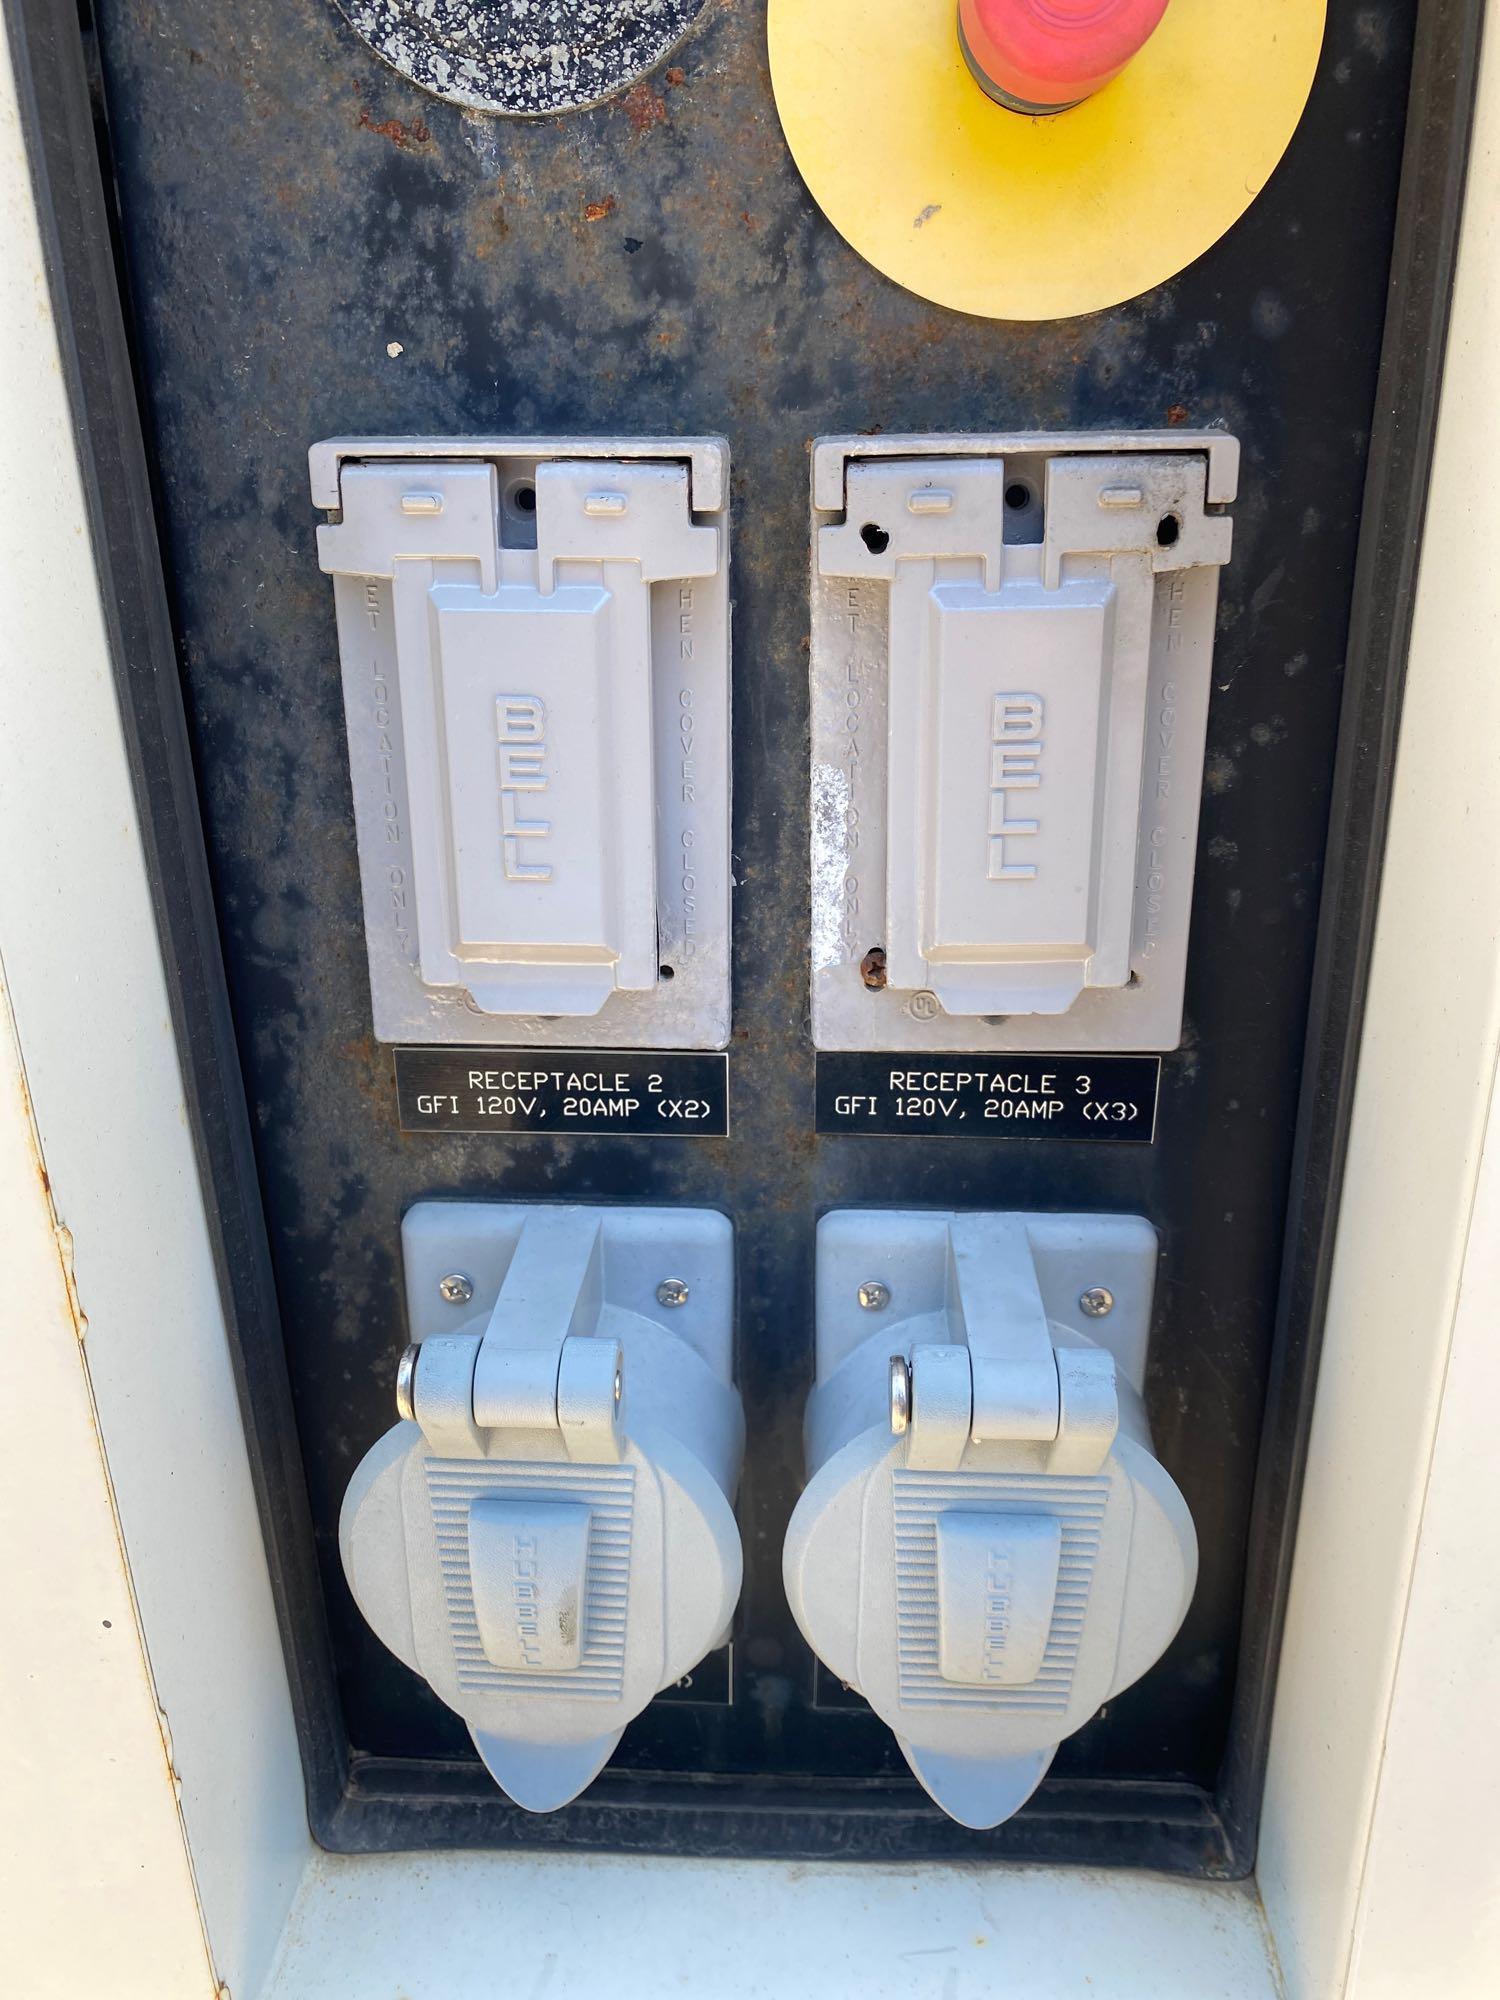 2010/2011 CPG70 JD, JOHN DEERE DIESEL GENERATOR, 56KW, 70KVA, 120/240, 480/240/208, TANDEM AXLE, BUI - Image 6 of 13